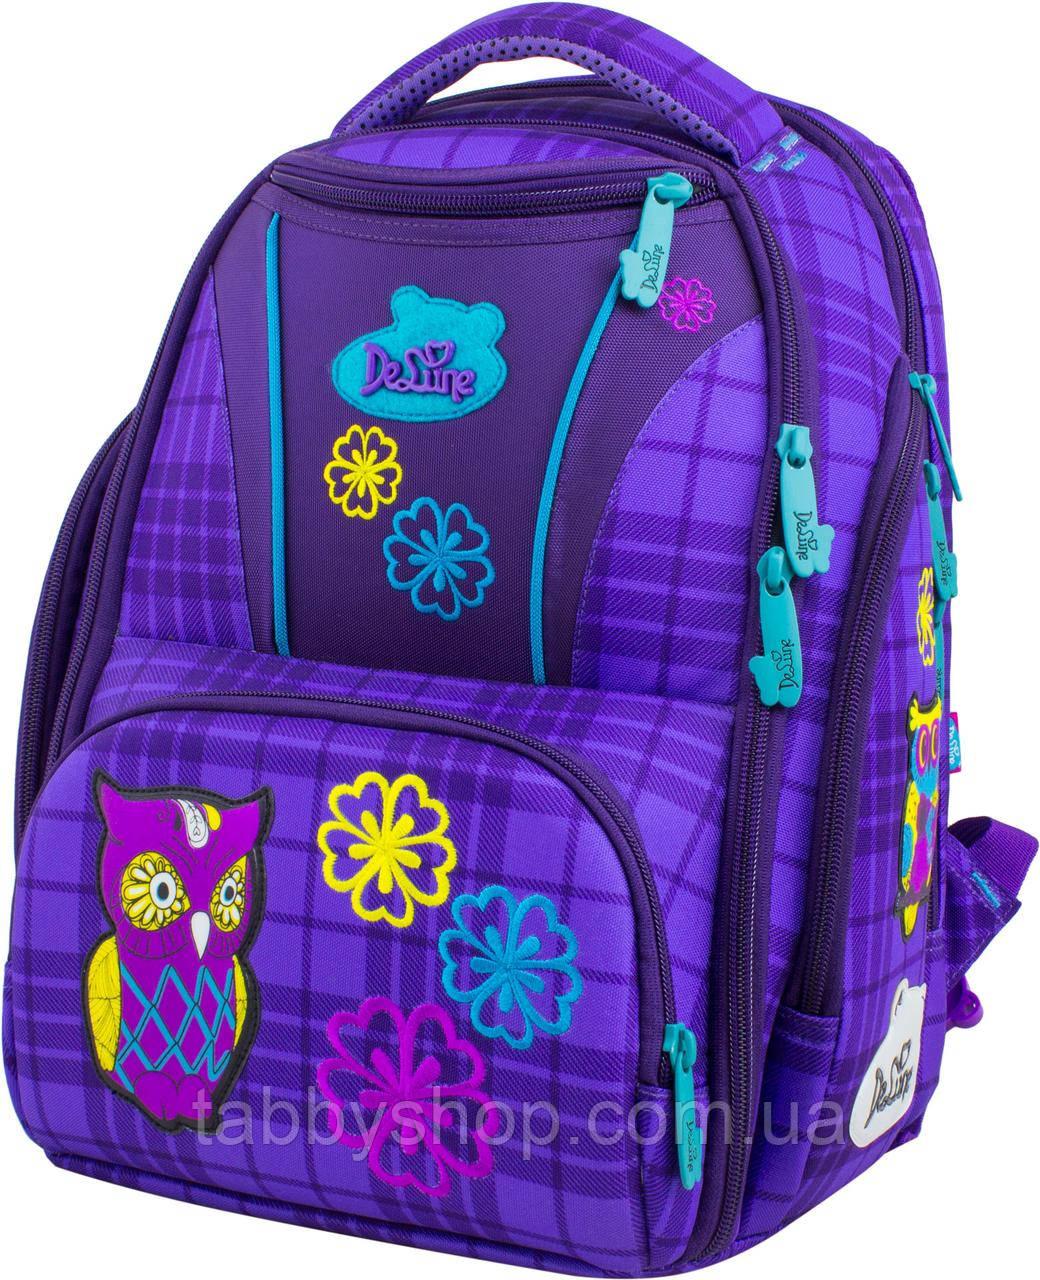 Ранец школьный ортопедический DeLune 8-108 + сумка для обуви